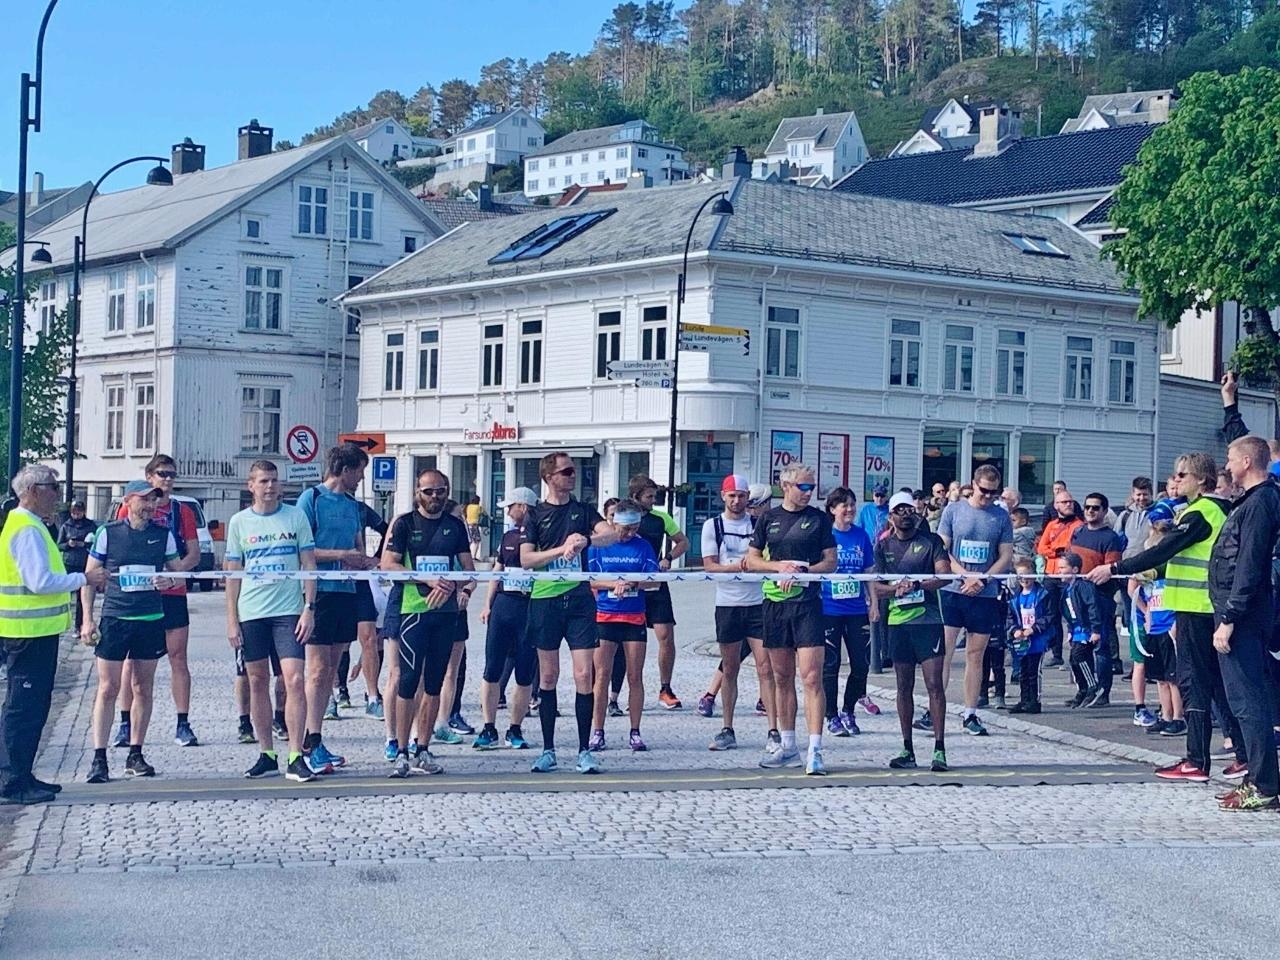 Maratonstart (1280x960).jpg